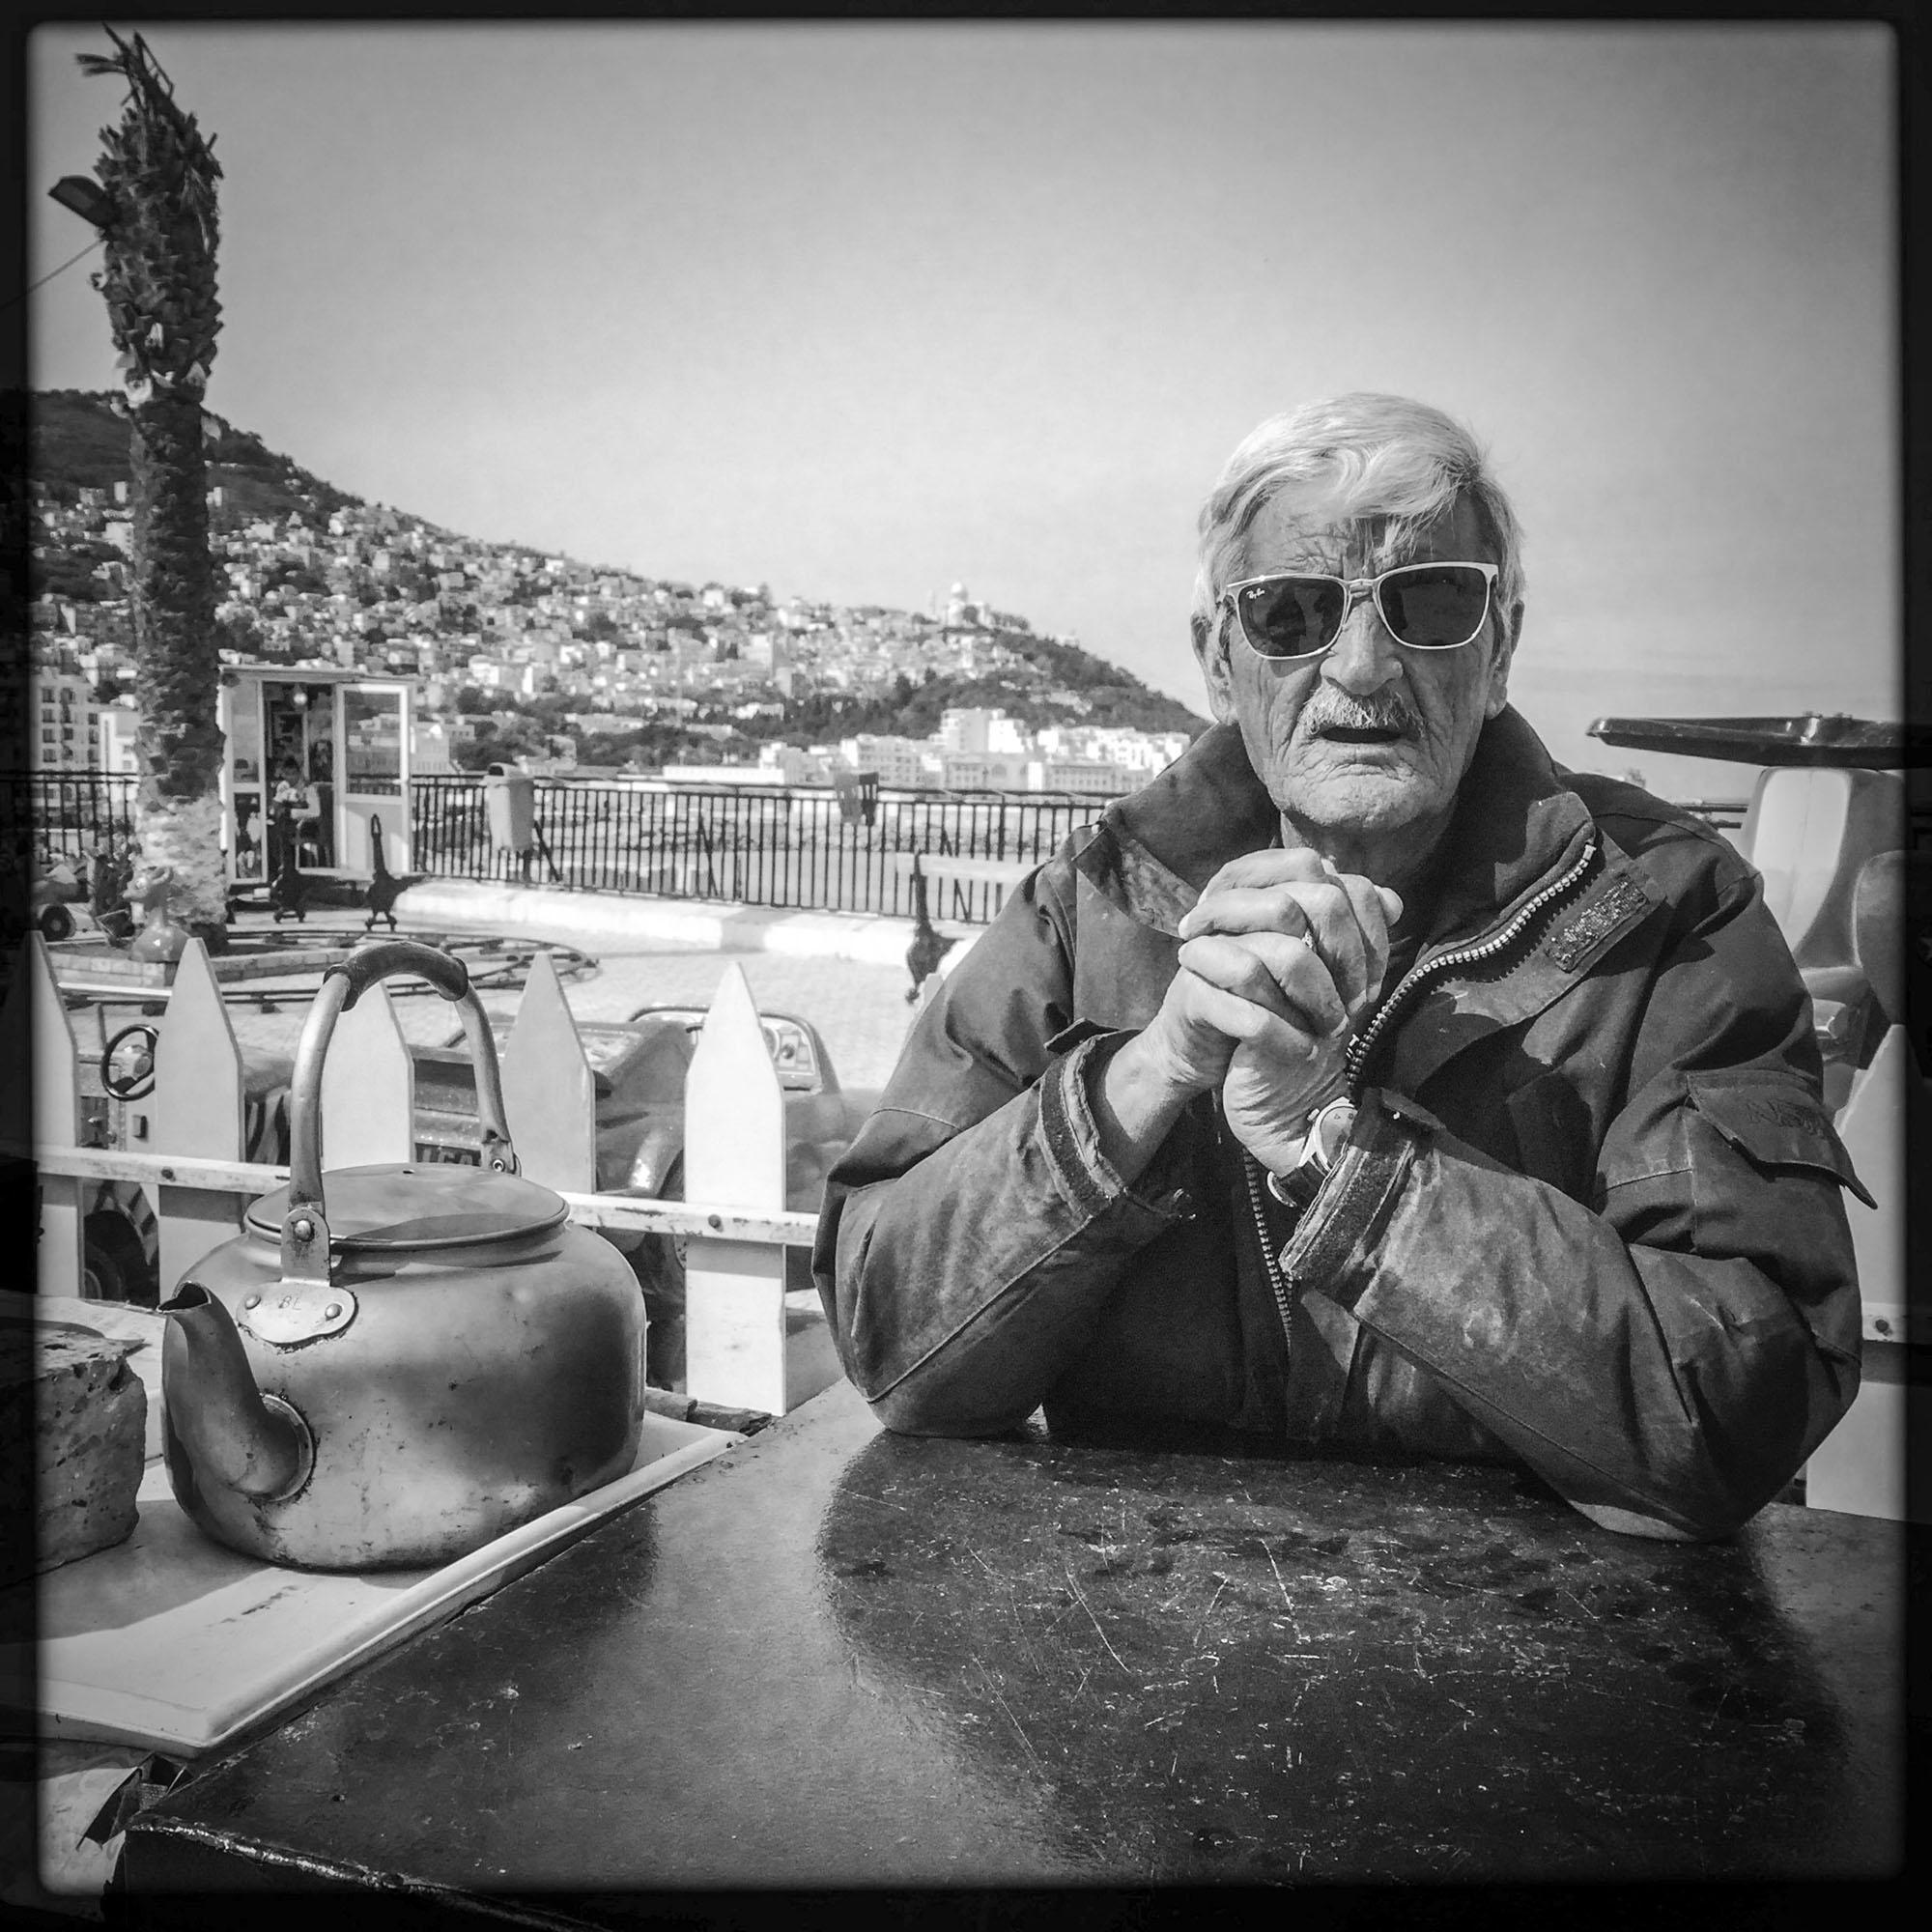 Un vendeur de thé, le long de la côte dans le quartier de Bab el Oued. 17/02/2016, Alger-Algérie.